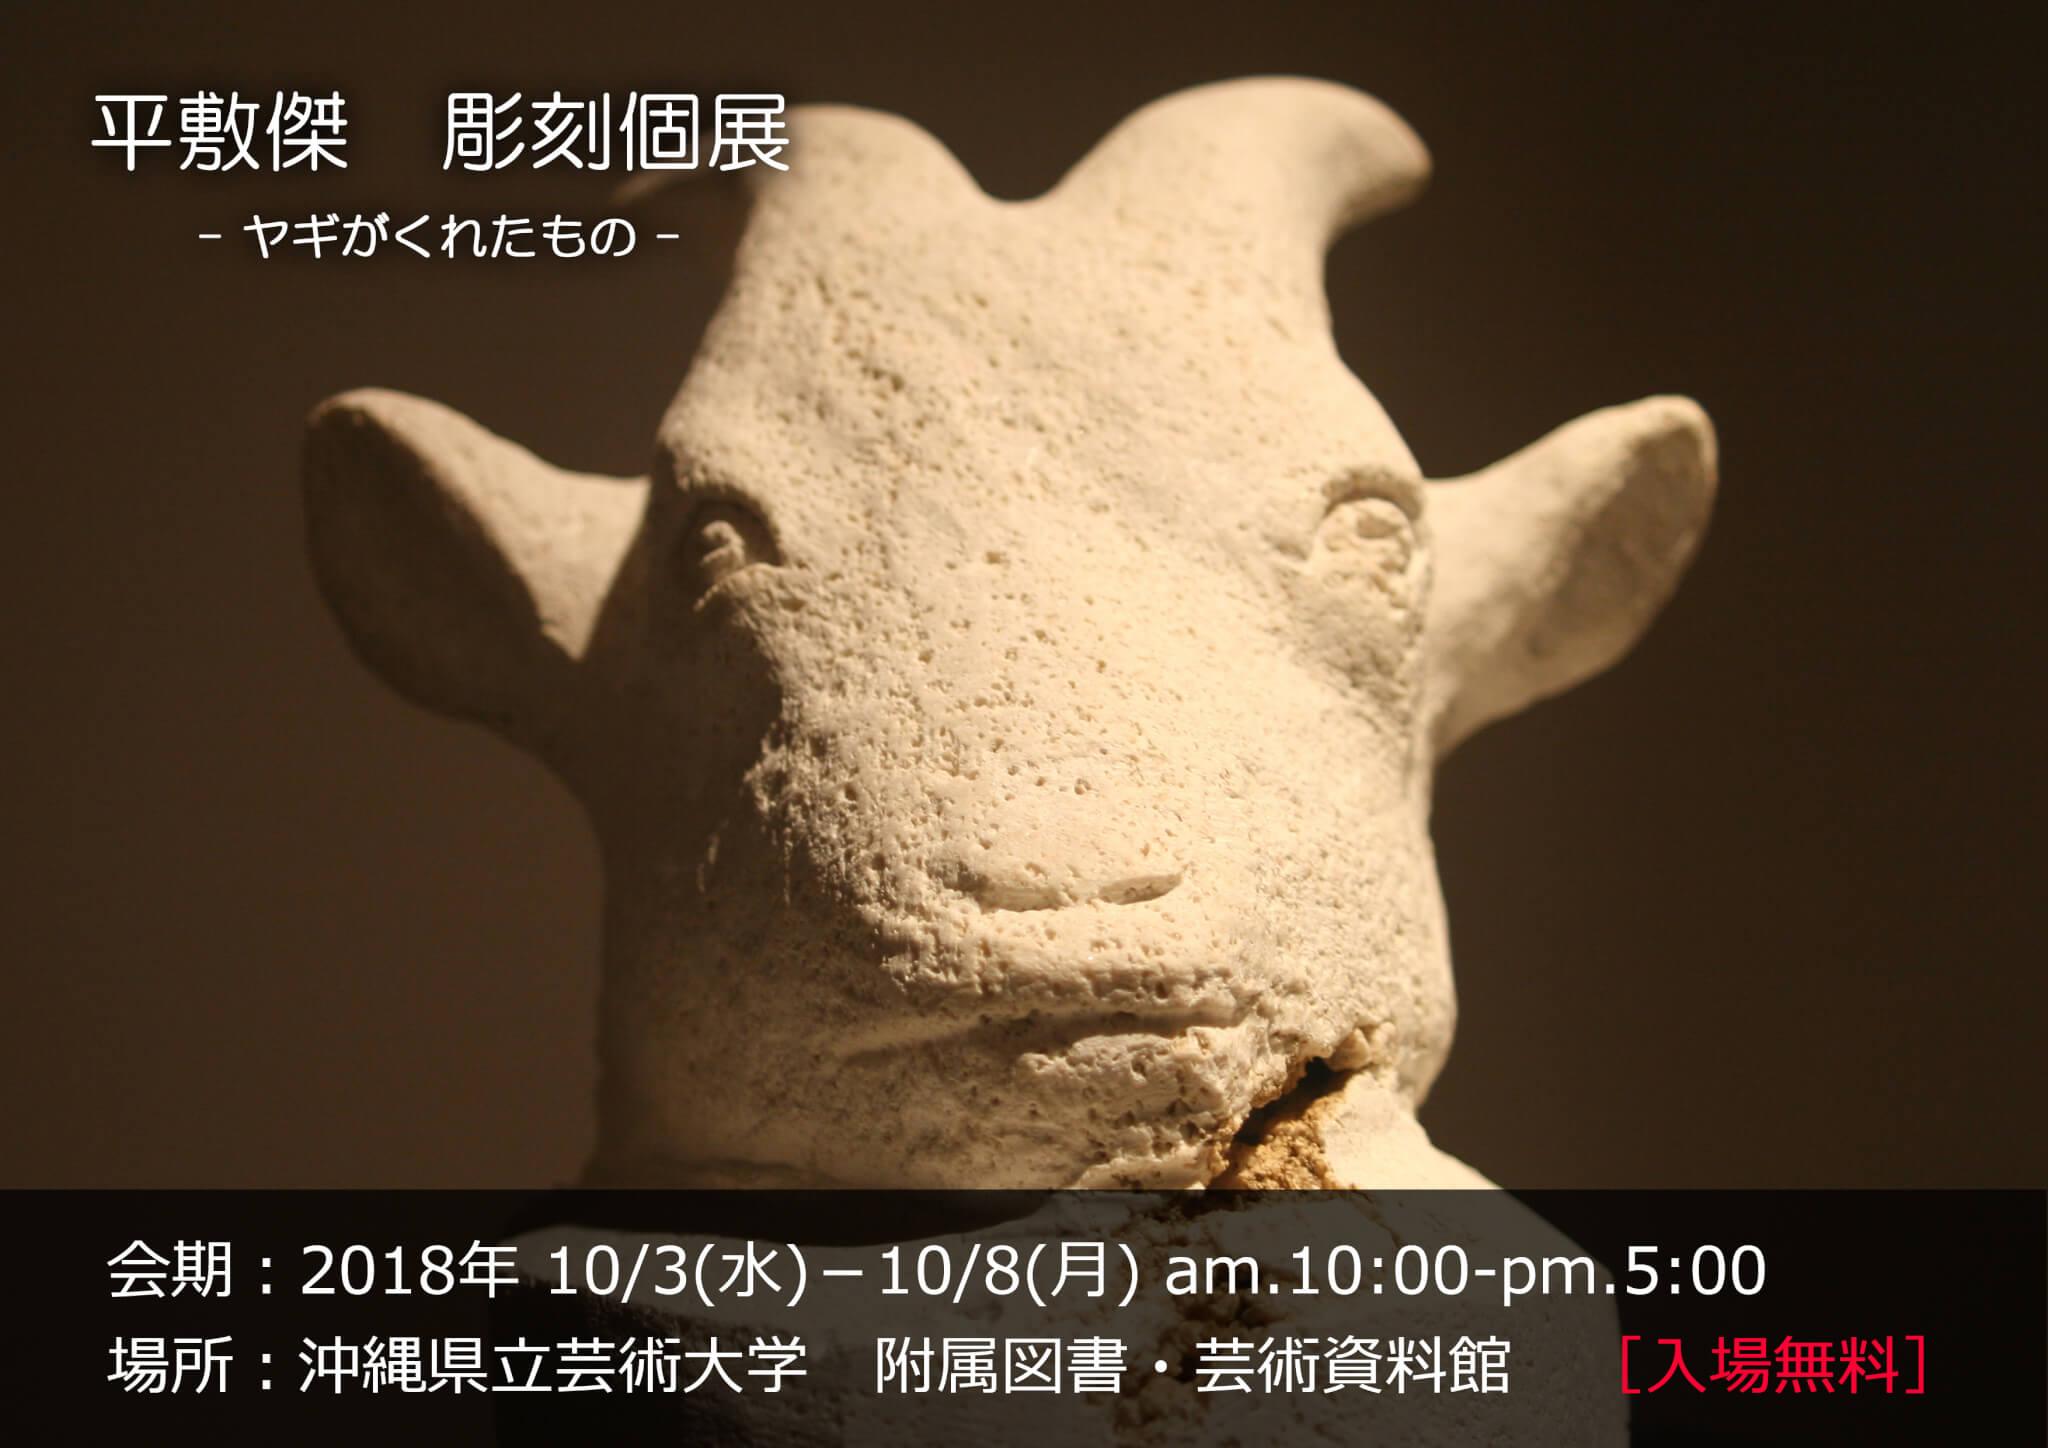 [フライヤー]平敷傑 彫刻個展  -ヤギがくれたものー